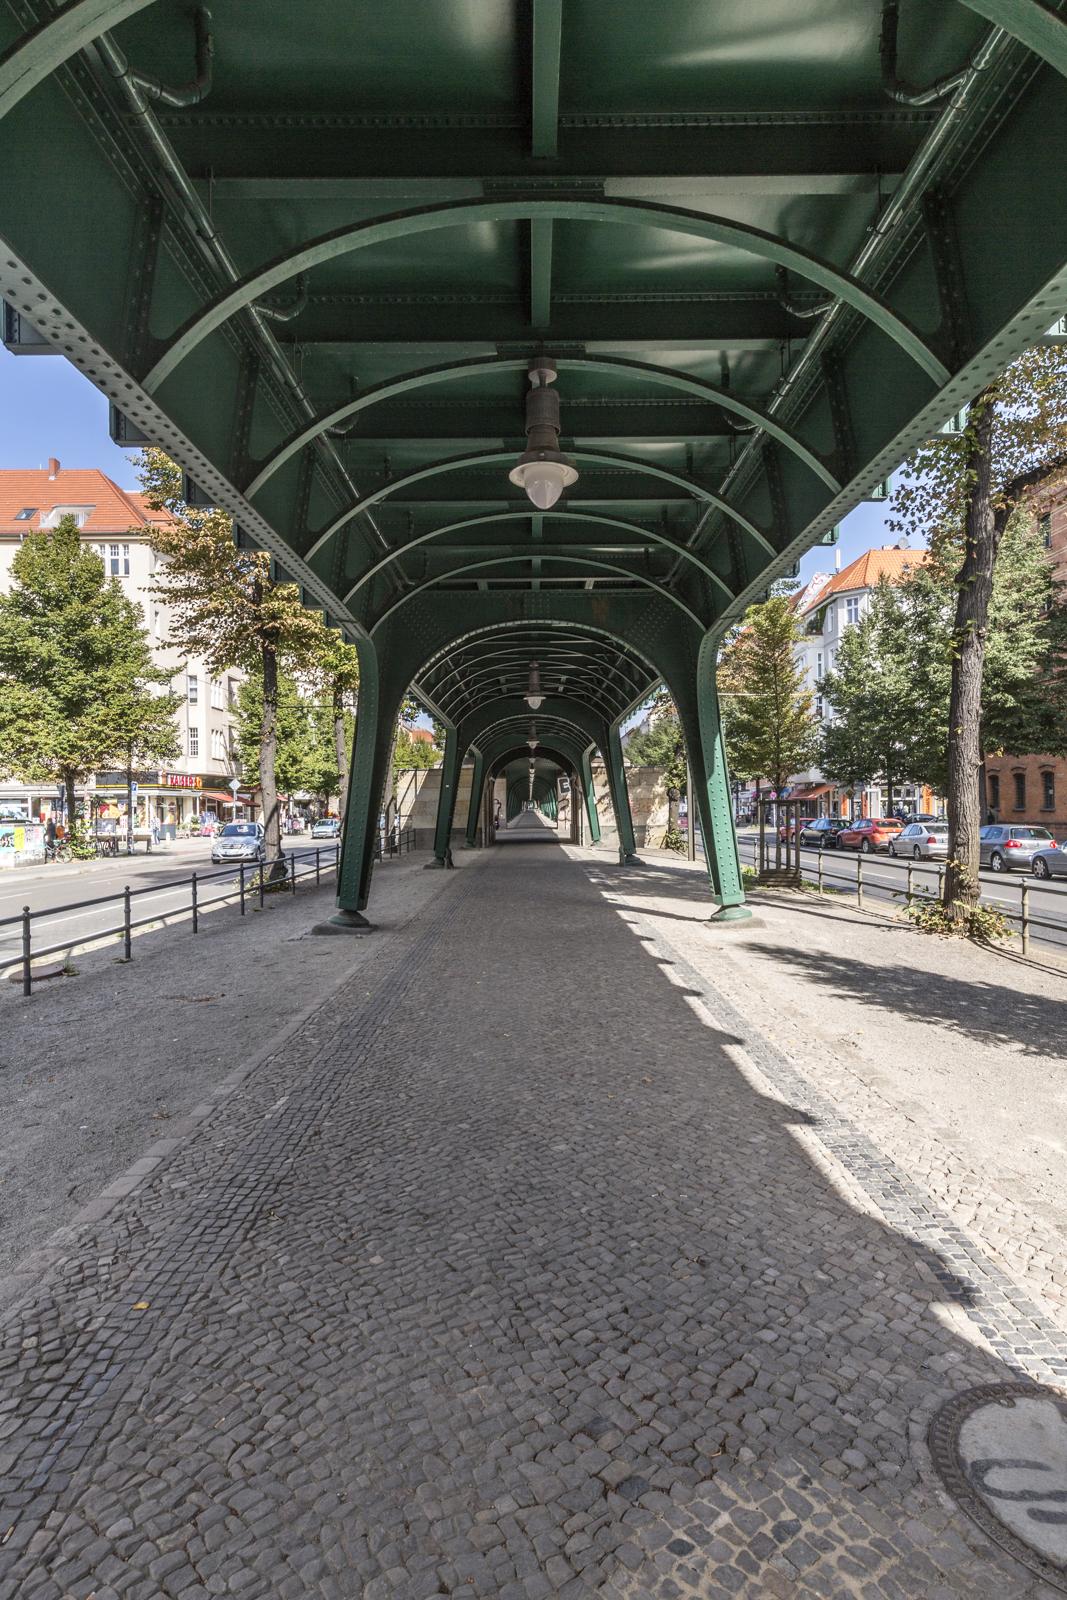 Ingo_Lawaczeck_Mähre_Schönhauser-9